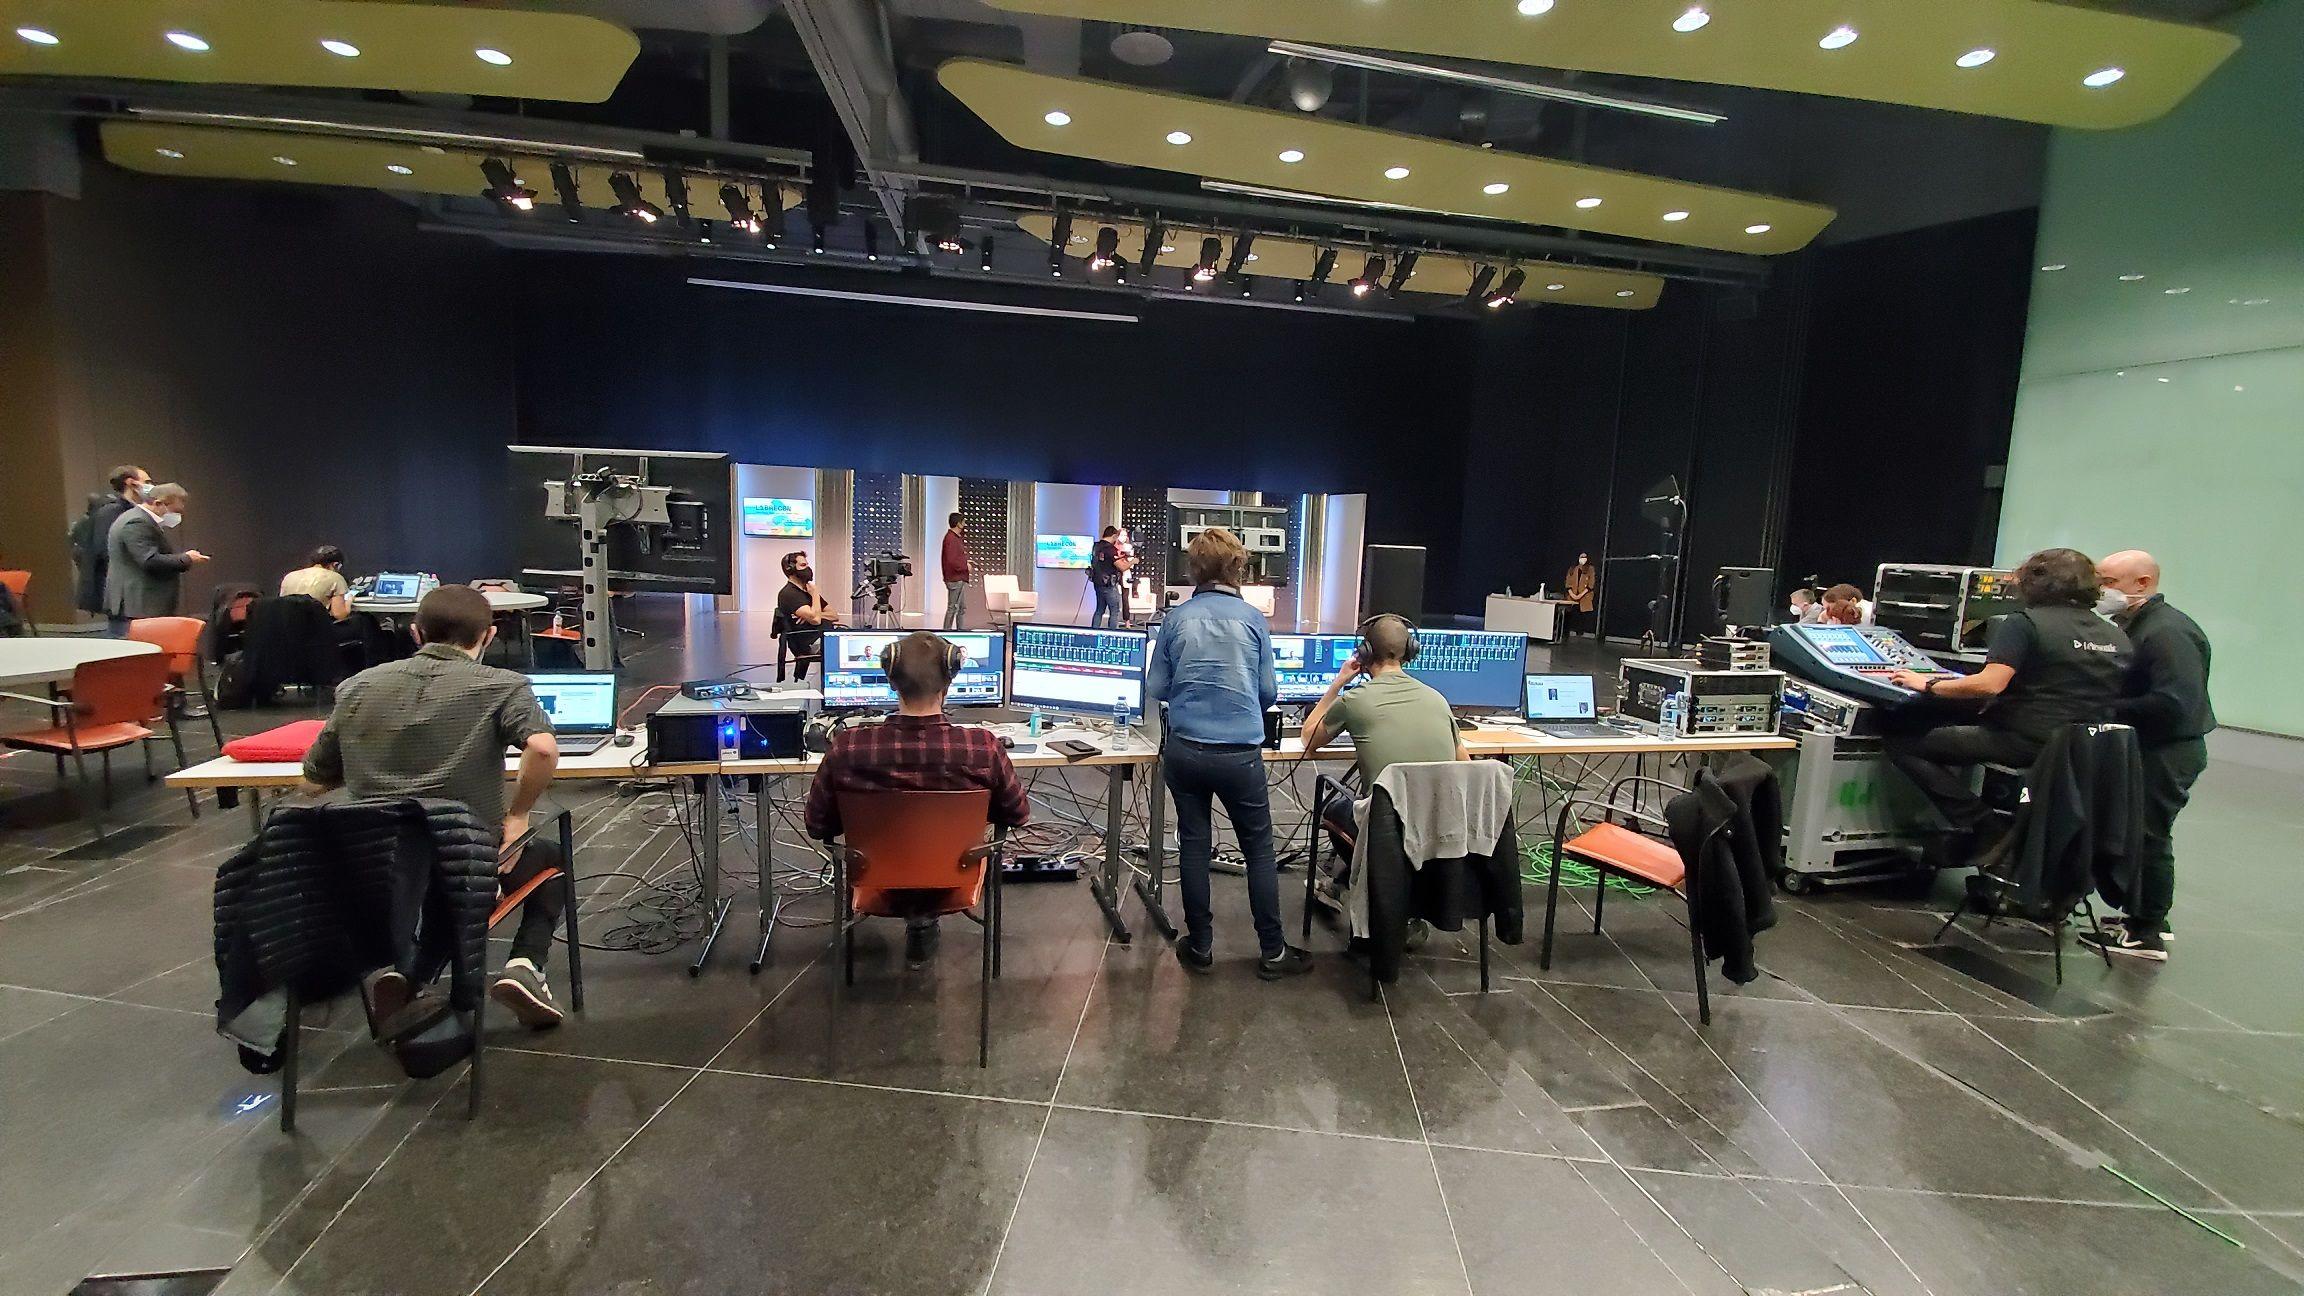 Éxito del nuevo formato online de Librecon, el evento de las tecnologías open, con más de 1.300 visitantes